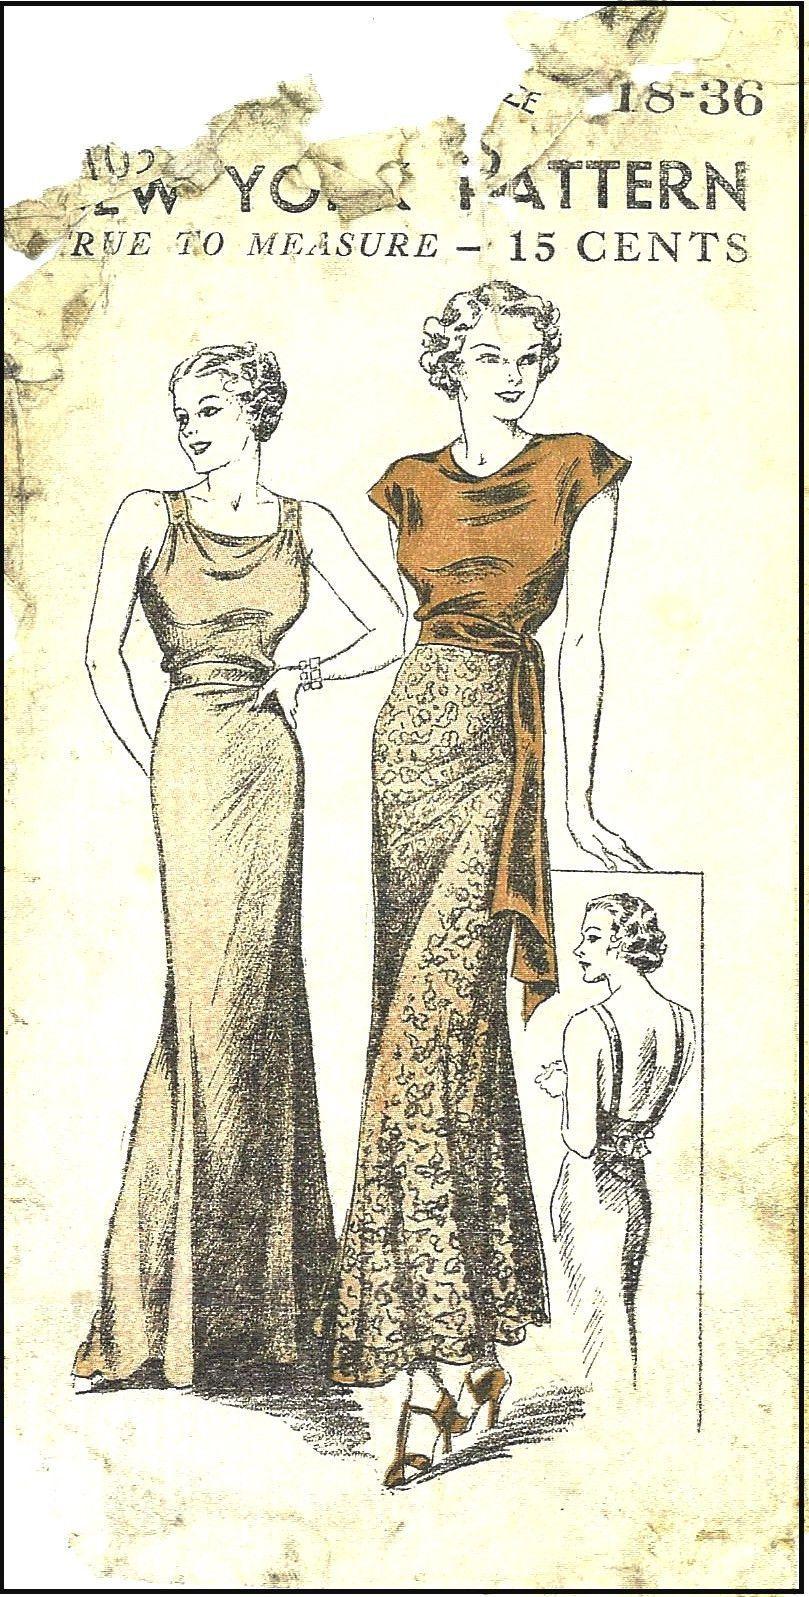 Großartig 1930 Nähmustern Bilder - Strickmuster-Ideen ...